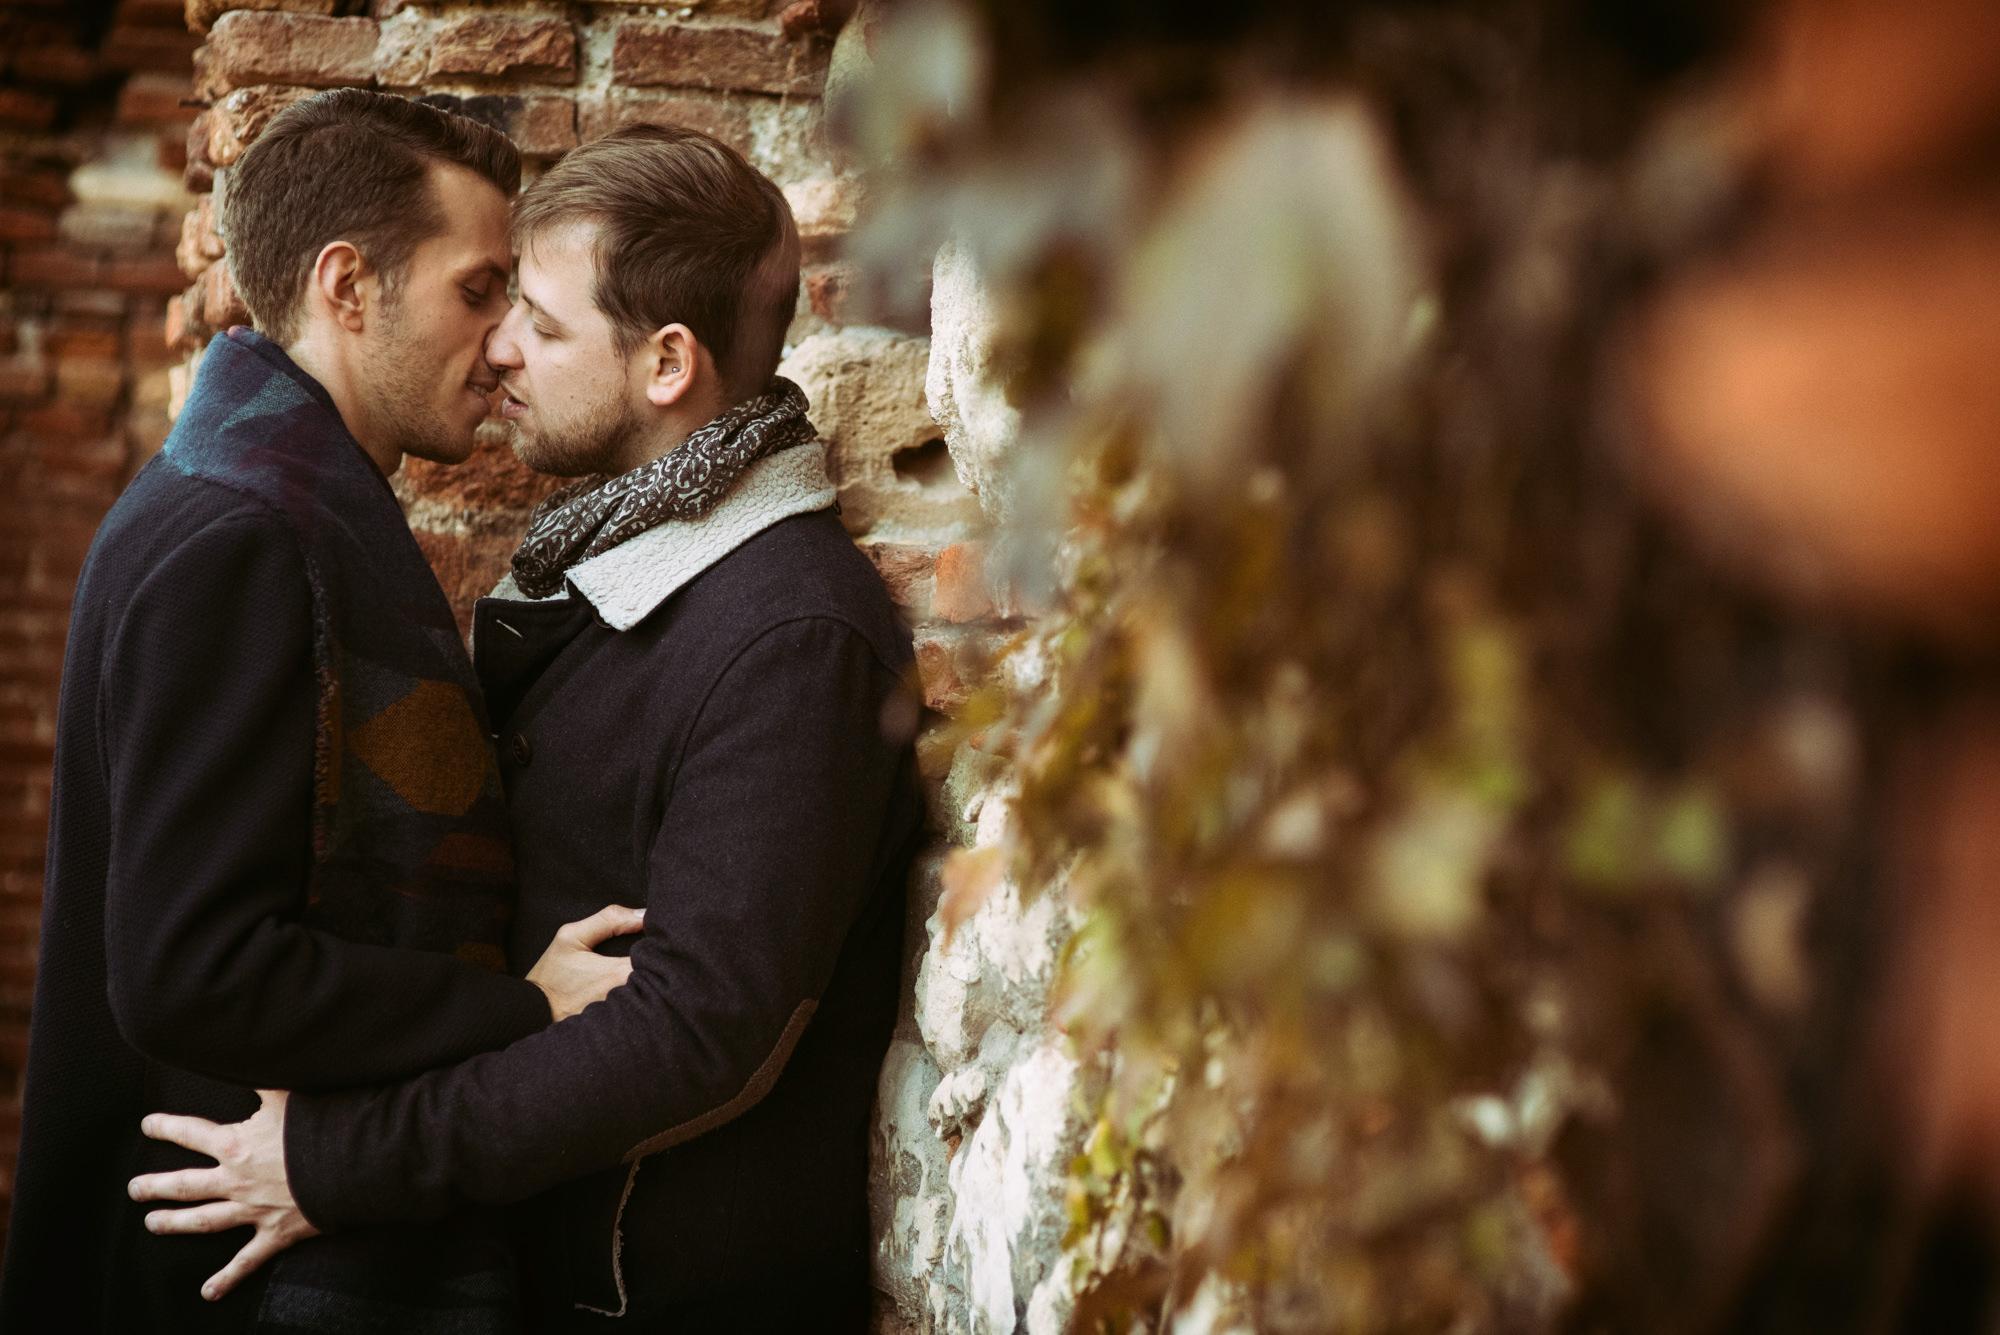 samesex couple photos italy 024 - Same-Sex Couple Photos Italy - Luca & Filippo